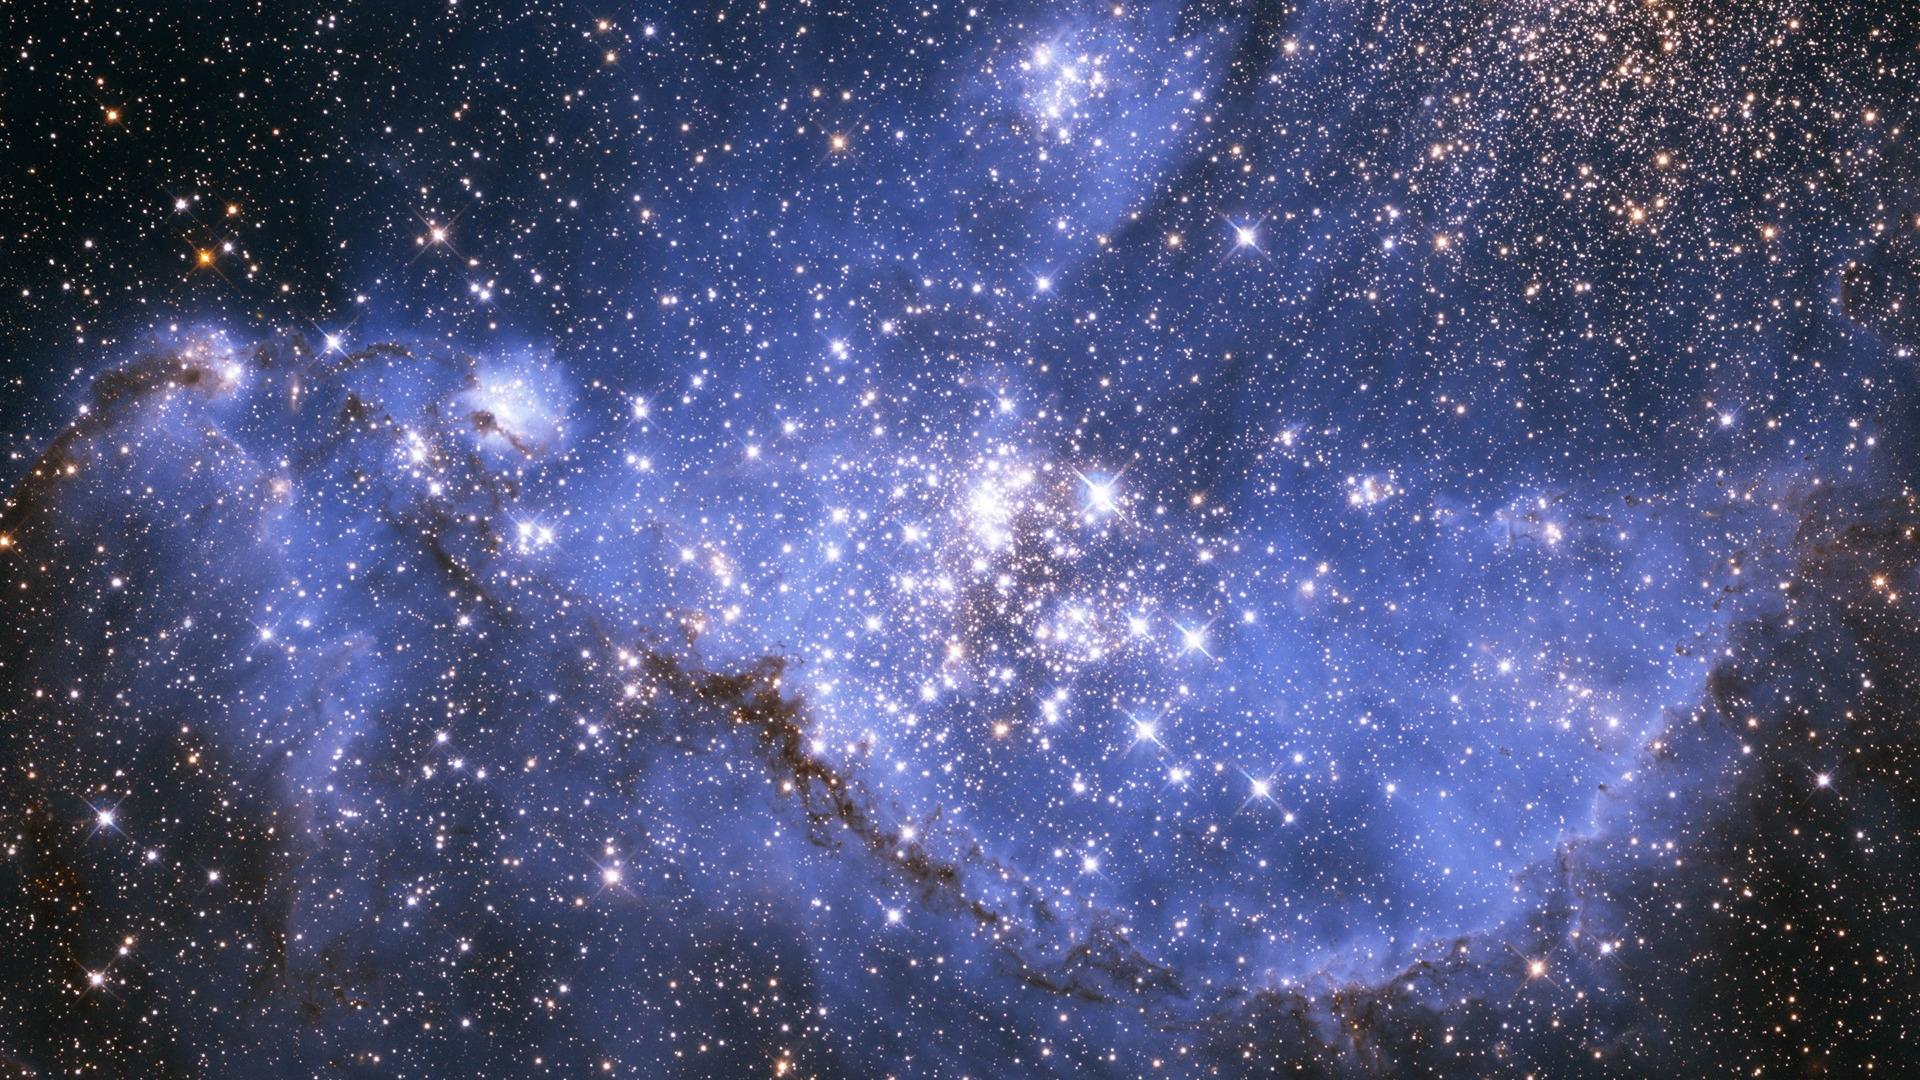 stars wallpaper 1920x1080 40376